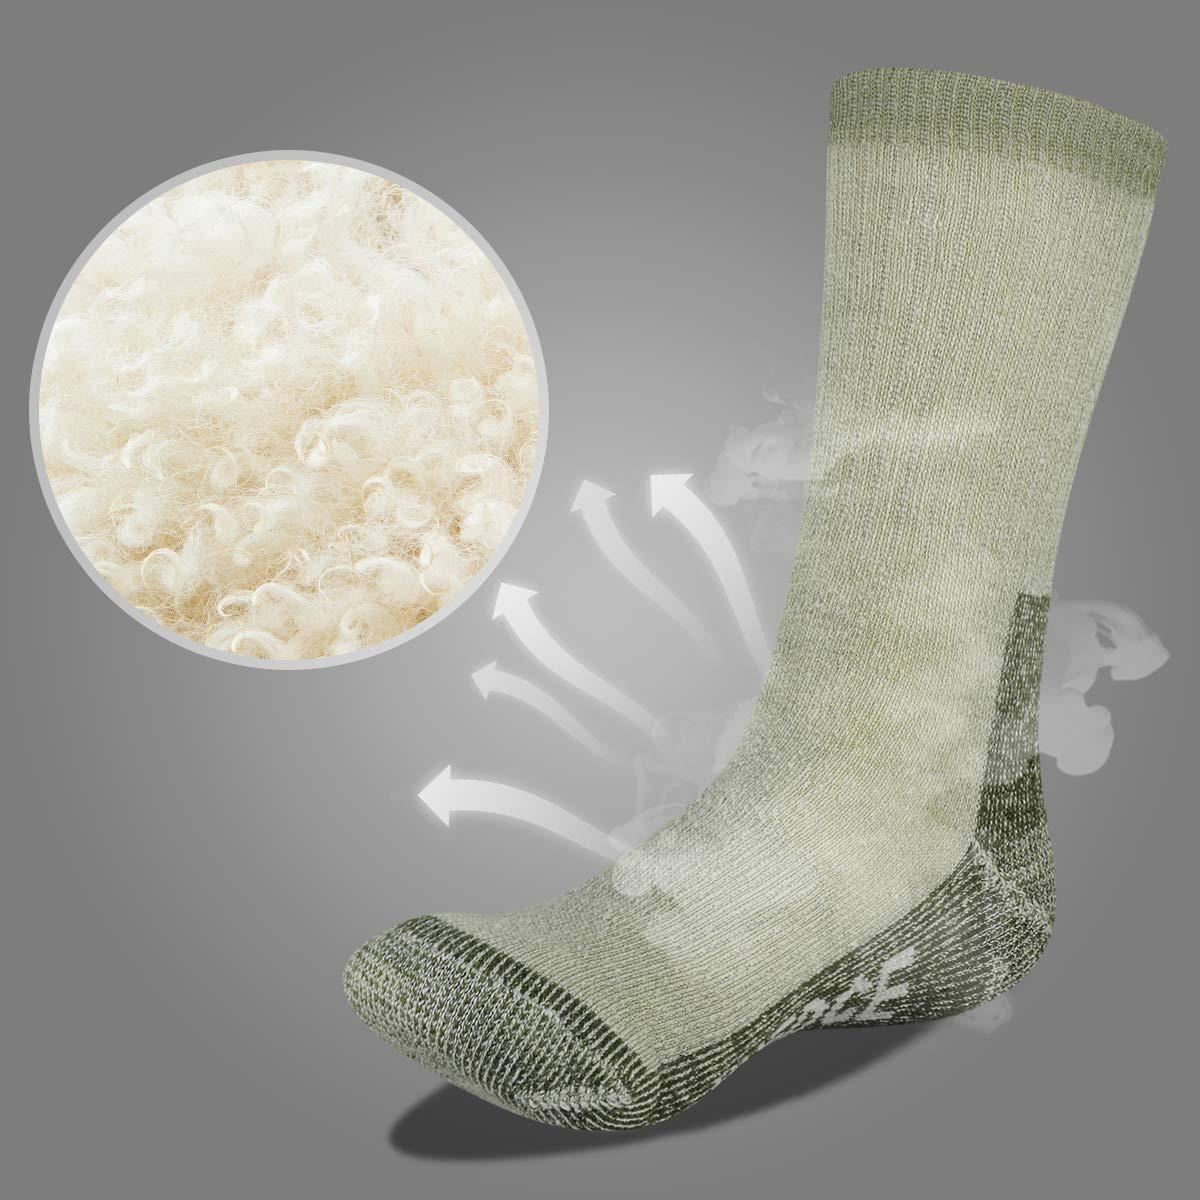 YUEDGE Hombre Calcetines de Lana - Gruesa Suave Cómodo Calcetines de Lana para El Senderismo en Invierno u Otras Actividades al Aire Libre: Amazon.es: ...